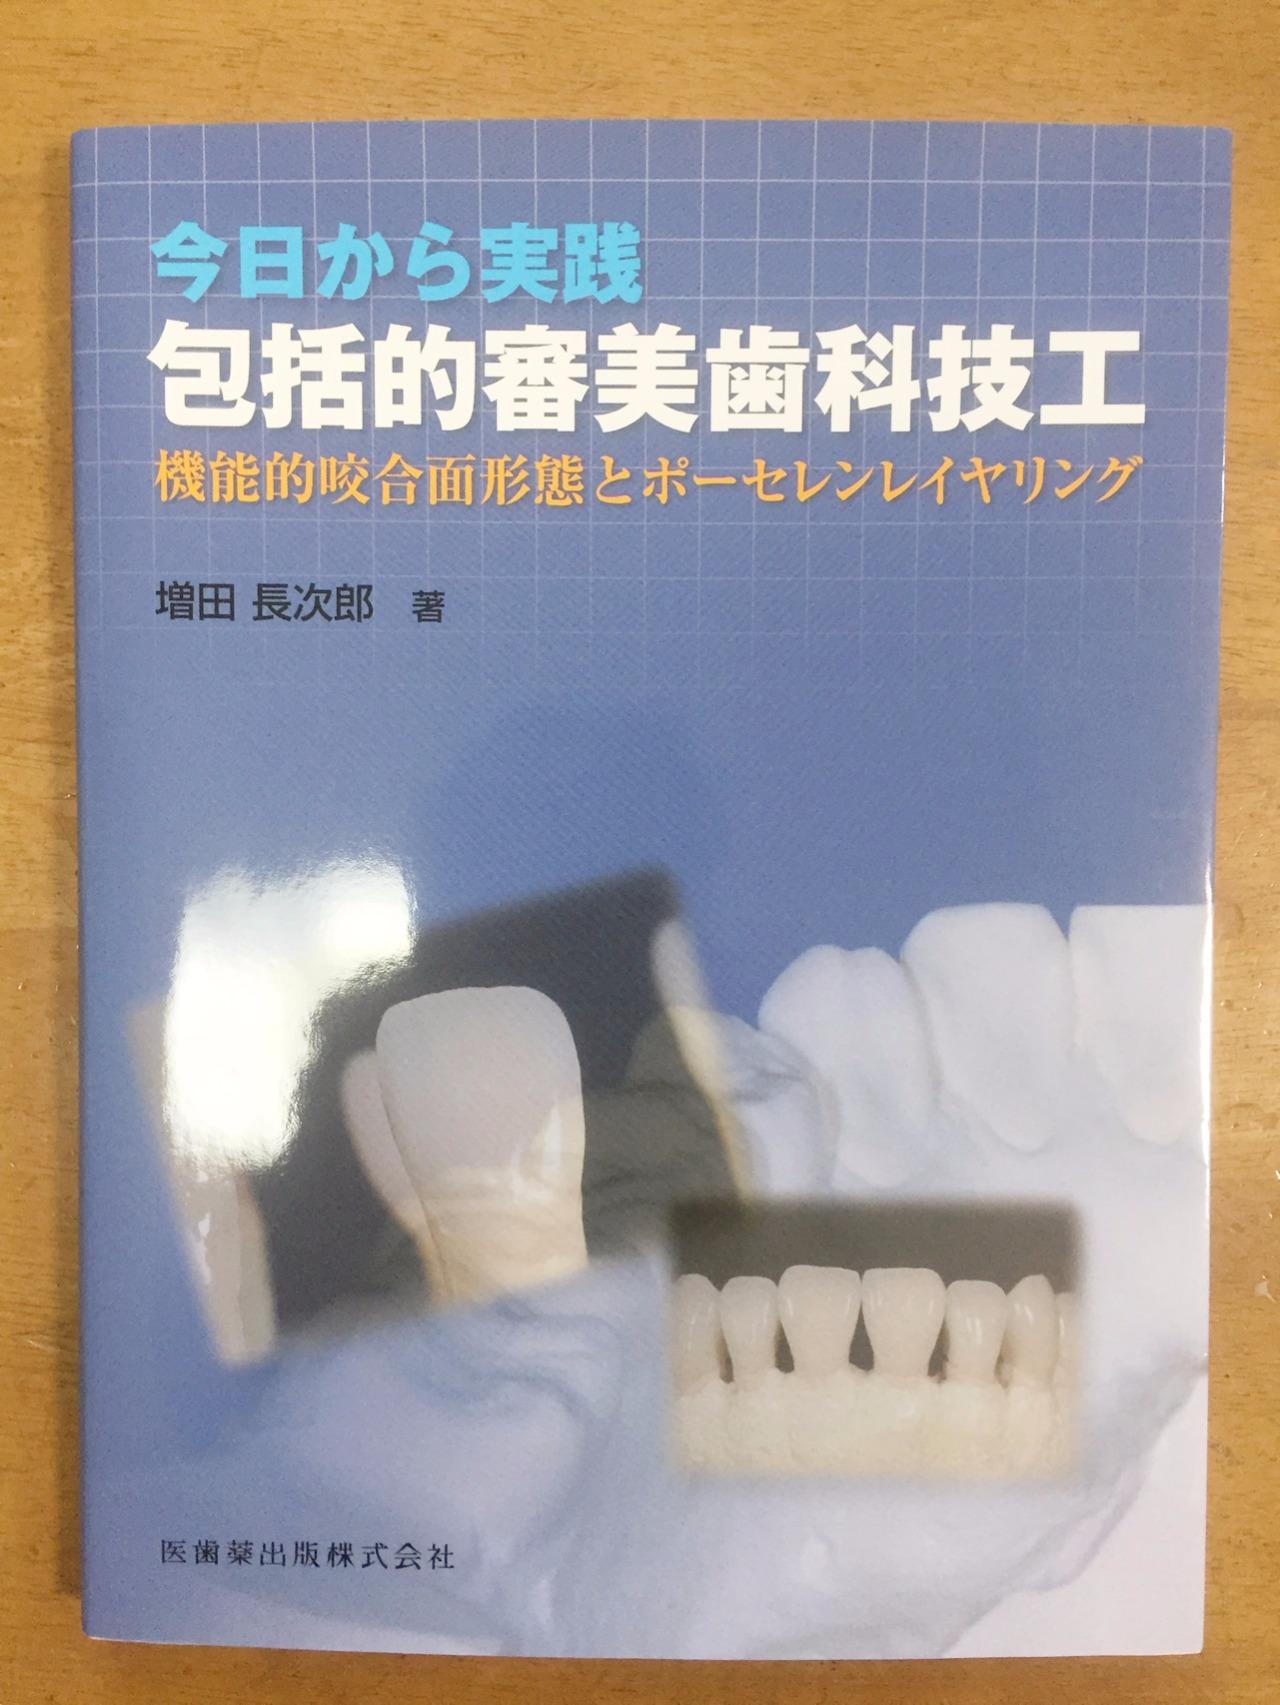 筒井塾 咬合療法部会 関東支部例会